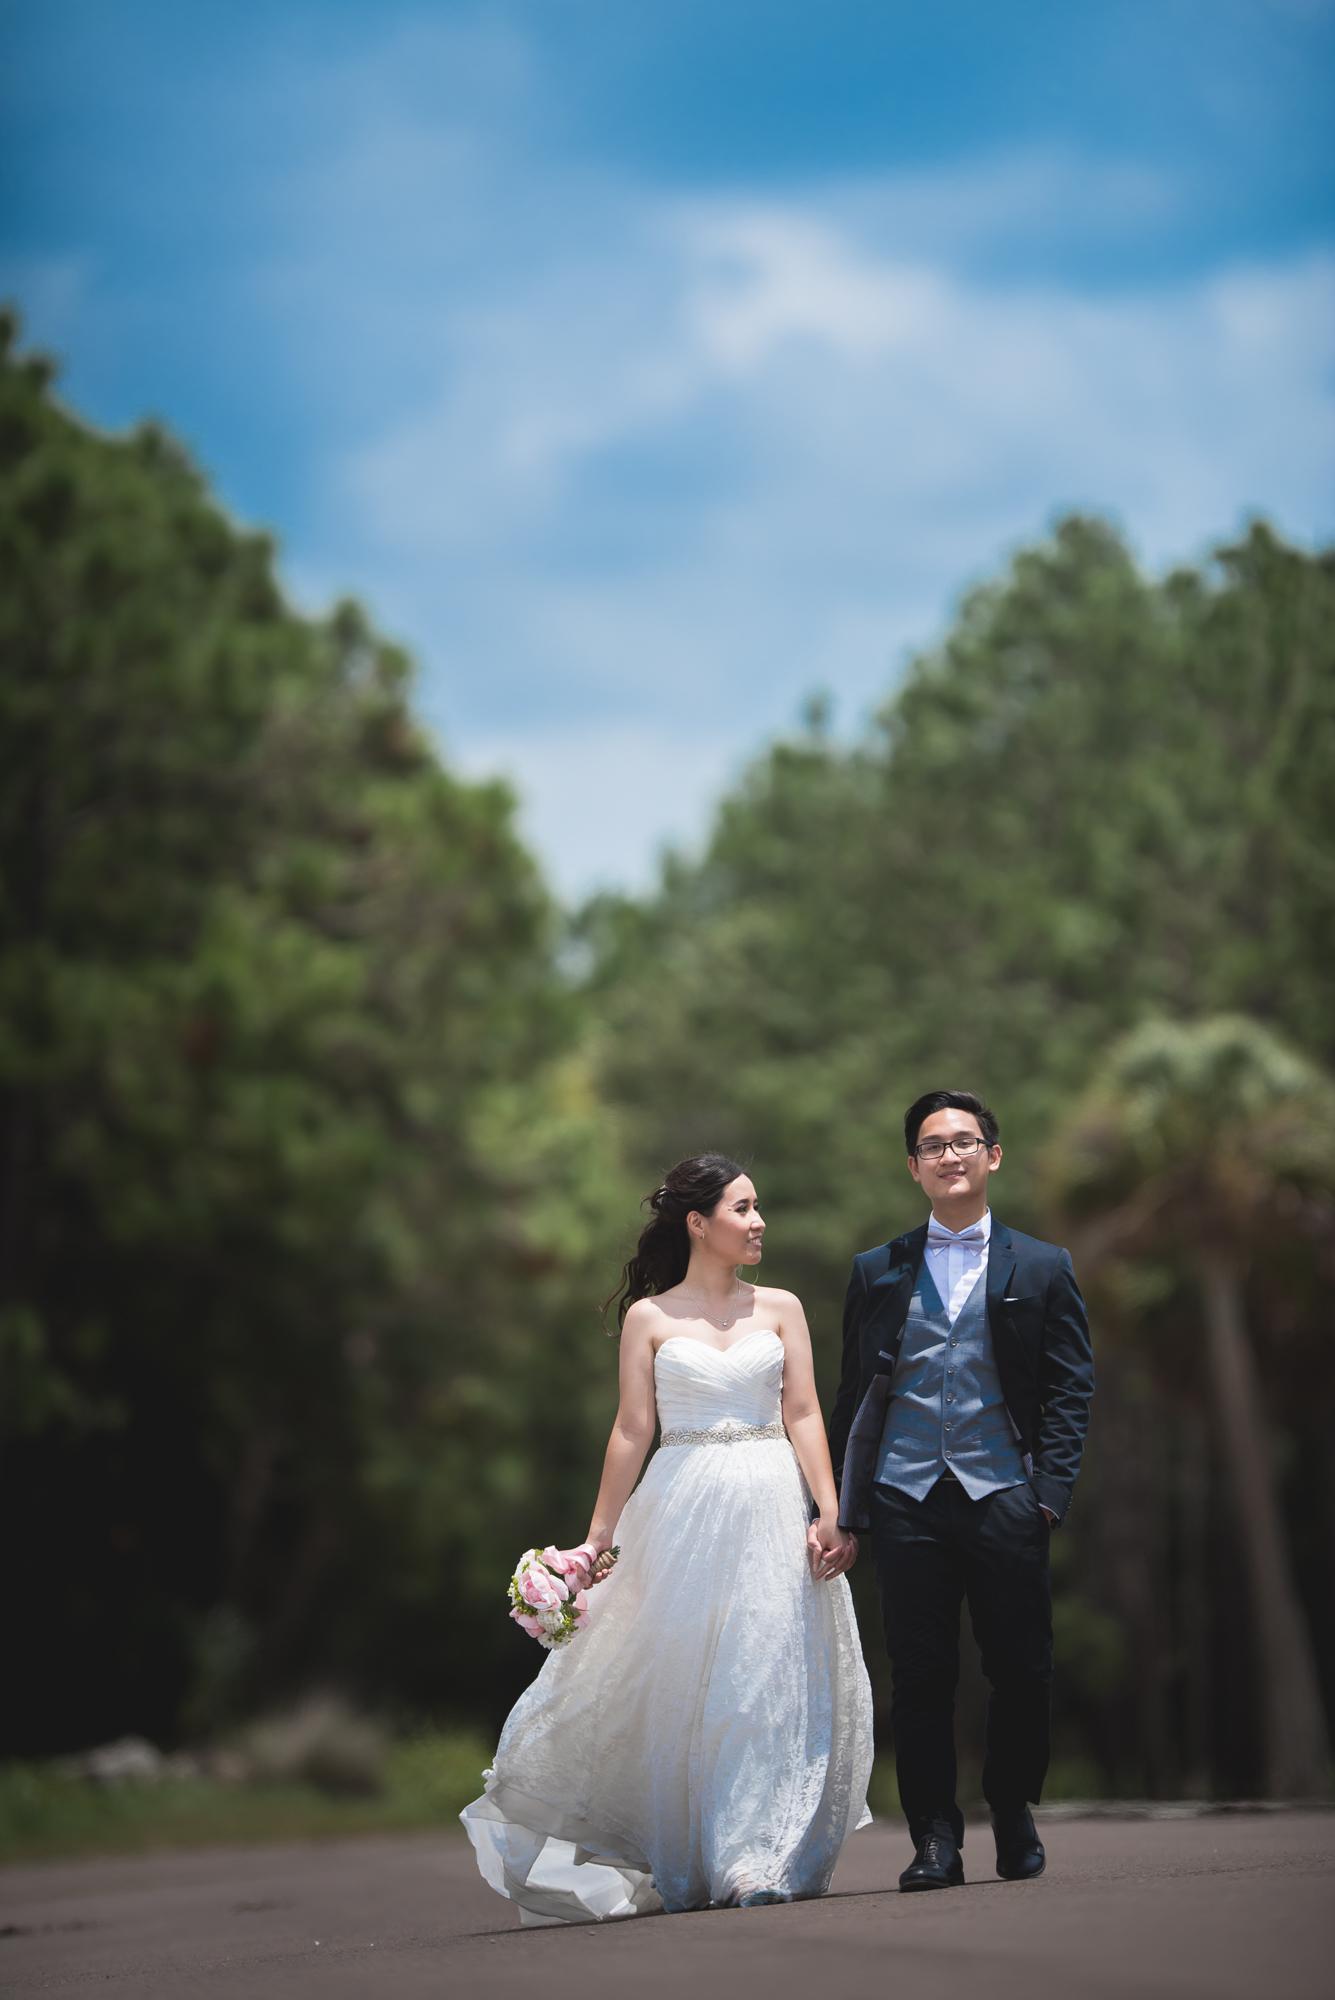 Huong_Prewedding-690.jpg